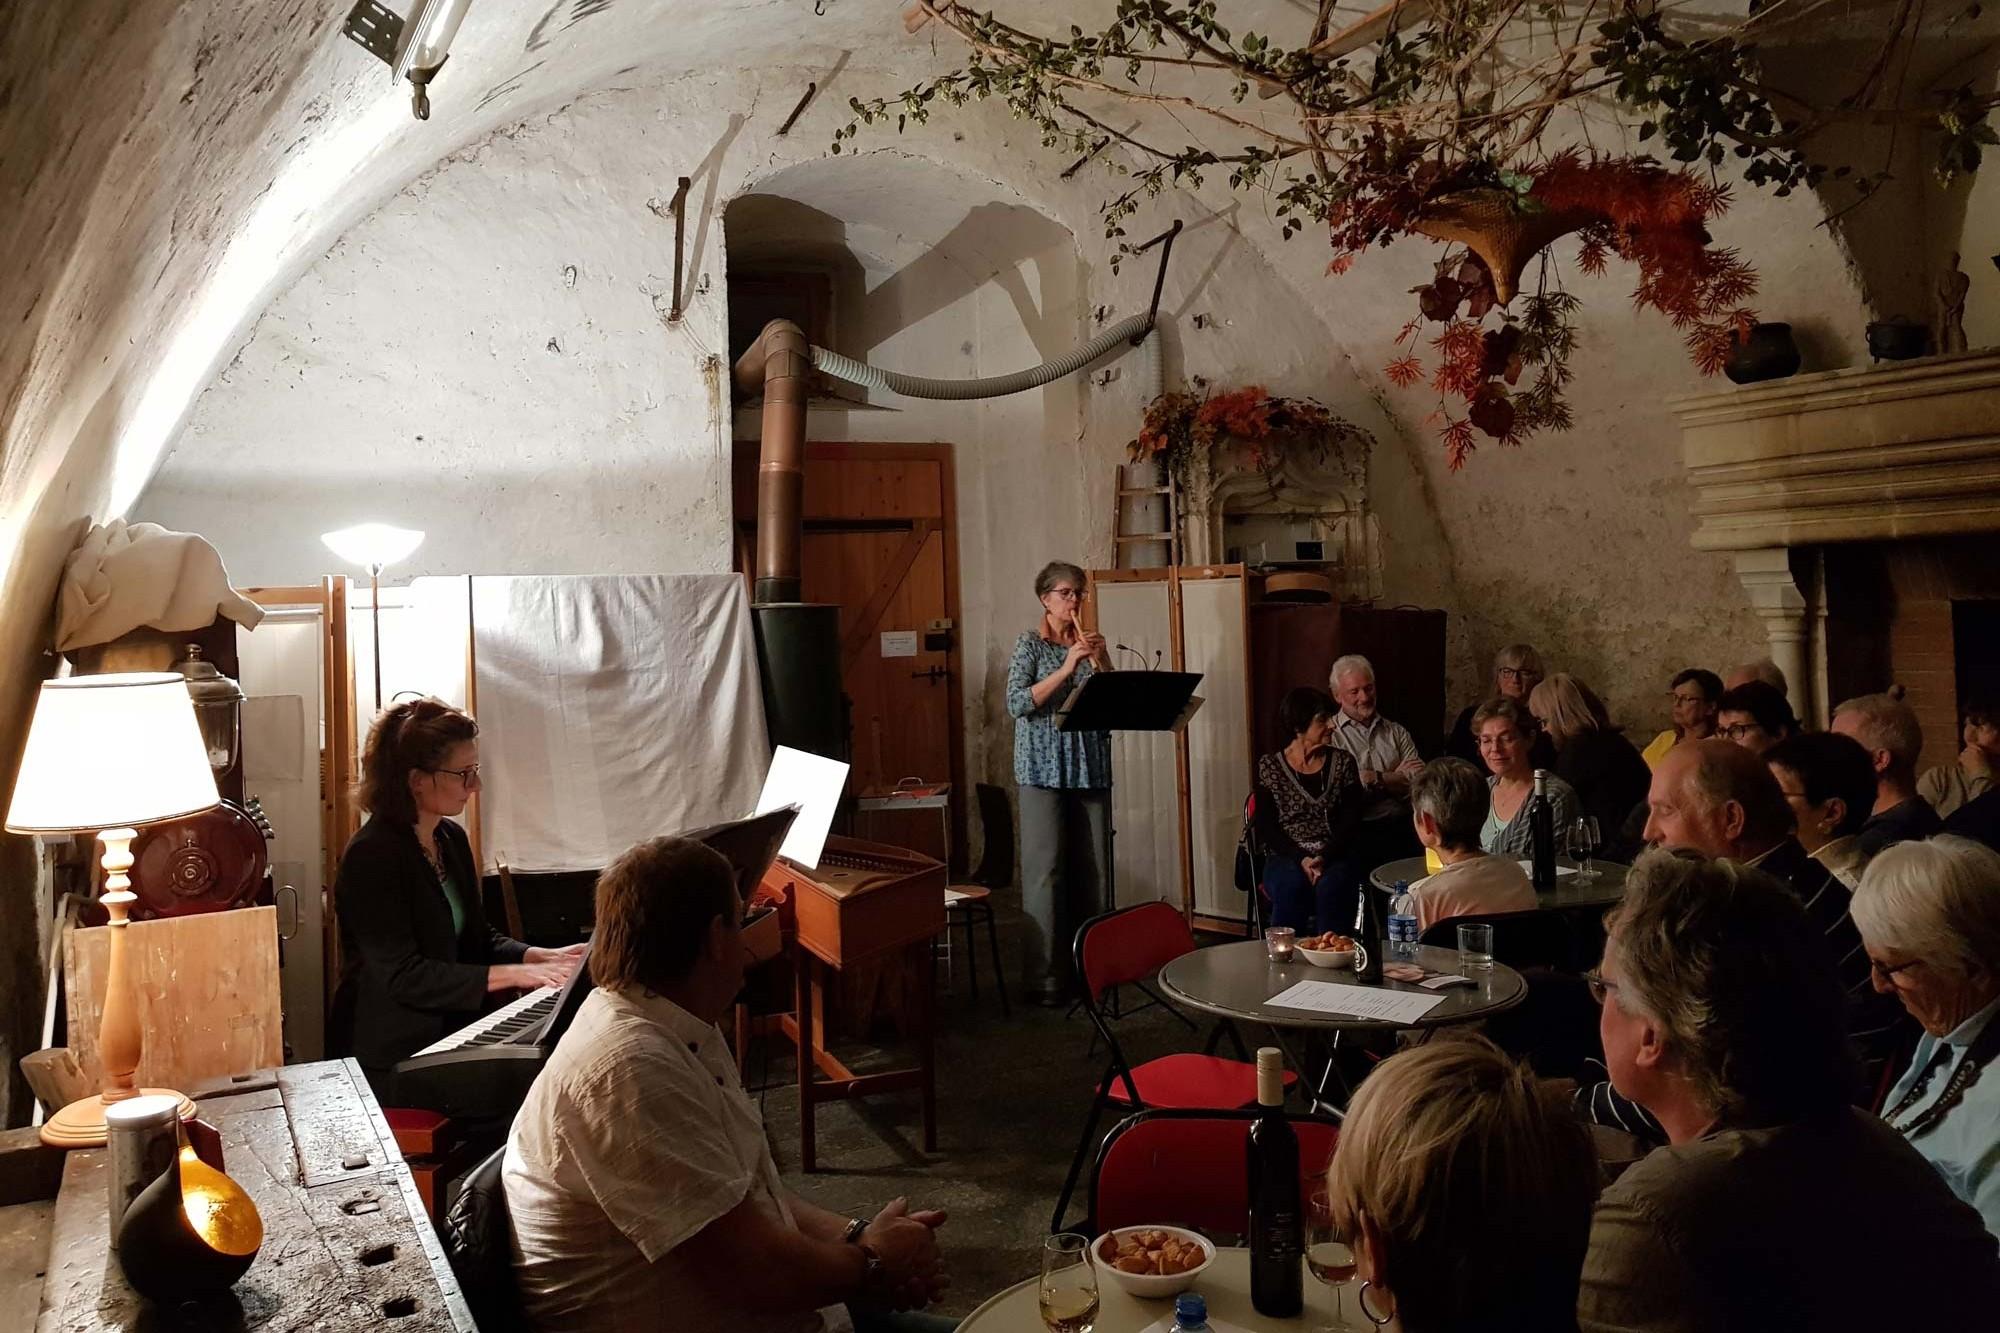 Konzert im einem Raum mit GEwölbe